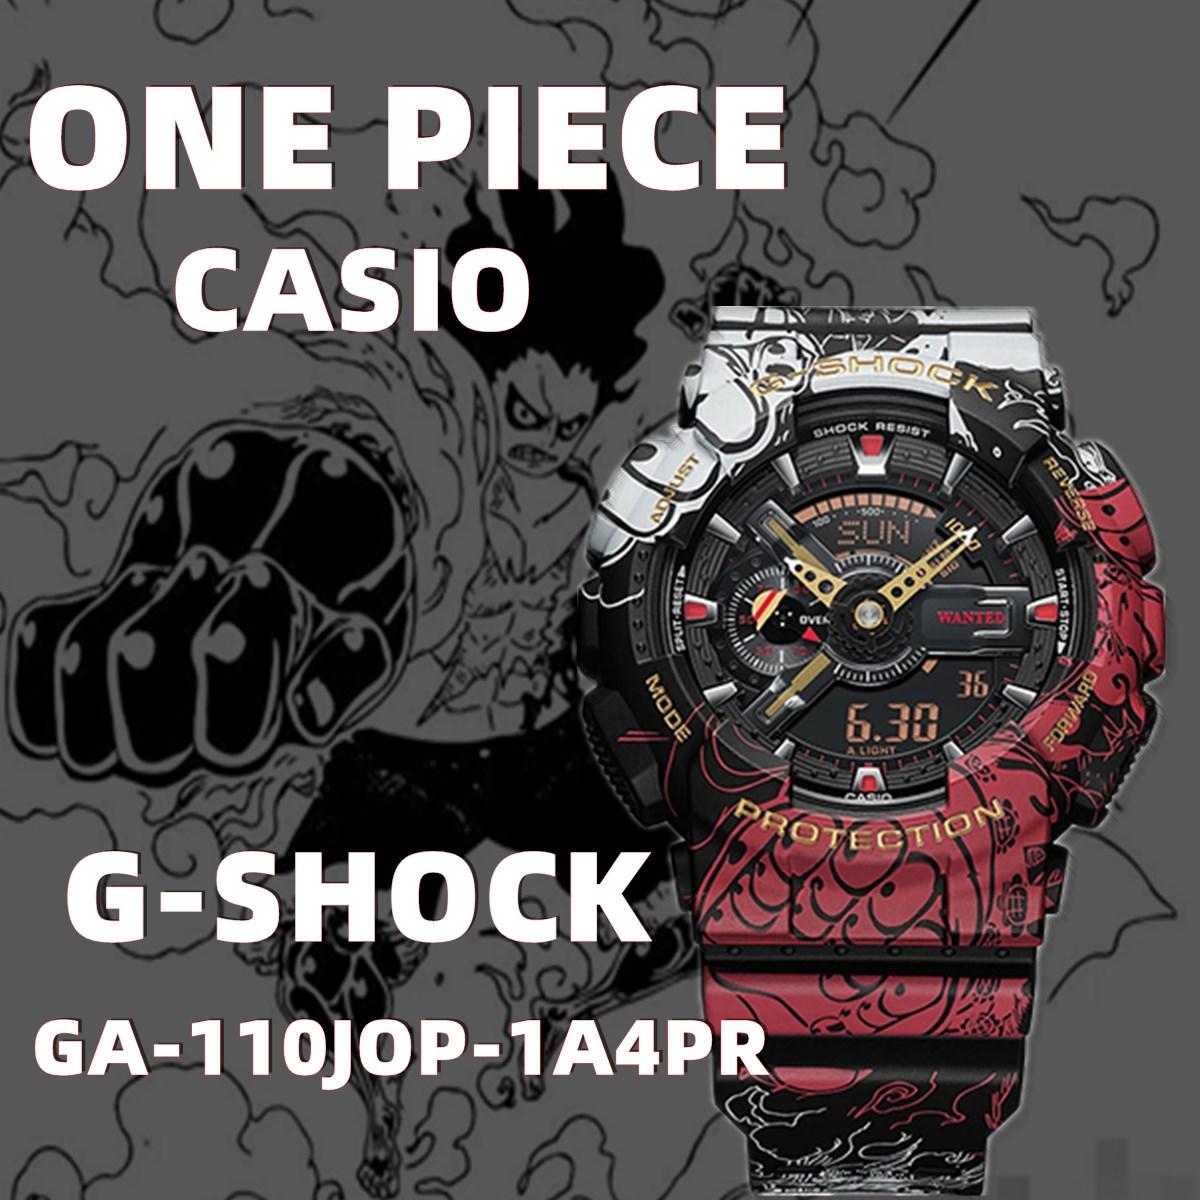 จุดด่างพร้อยCASIO G-SHOCK นาฬิกาข้อมือแฟชั่นในรูแบบ ONE PIECE รุ่น GA-110JOP-1A4PR สุดฮอตในปี2020 หน้าปัด40mm พร้อมกล่อง